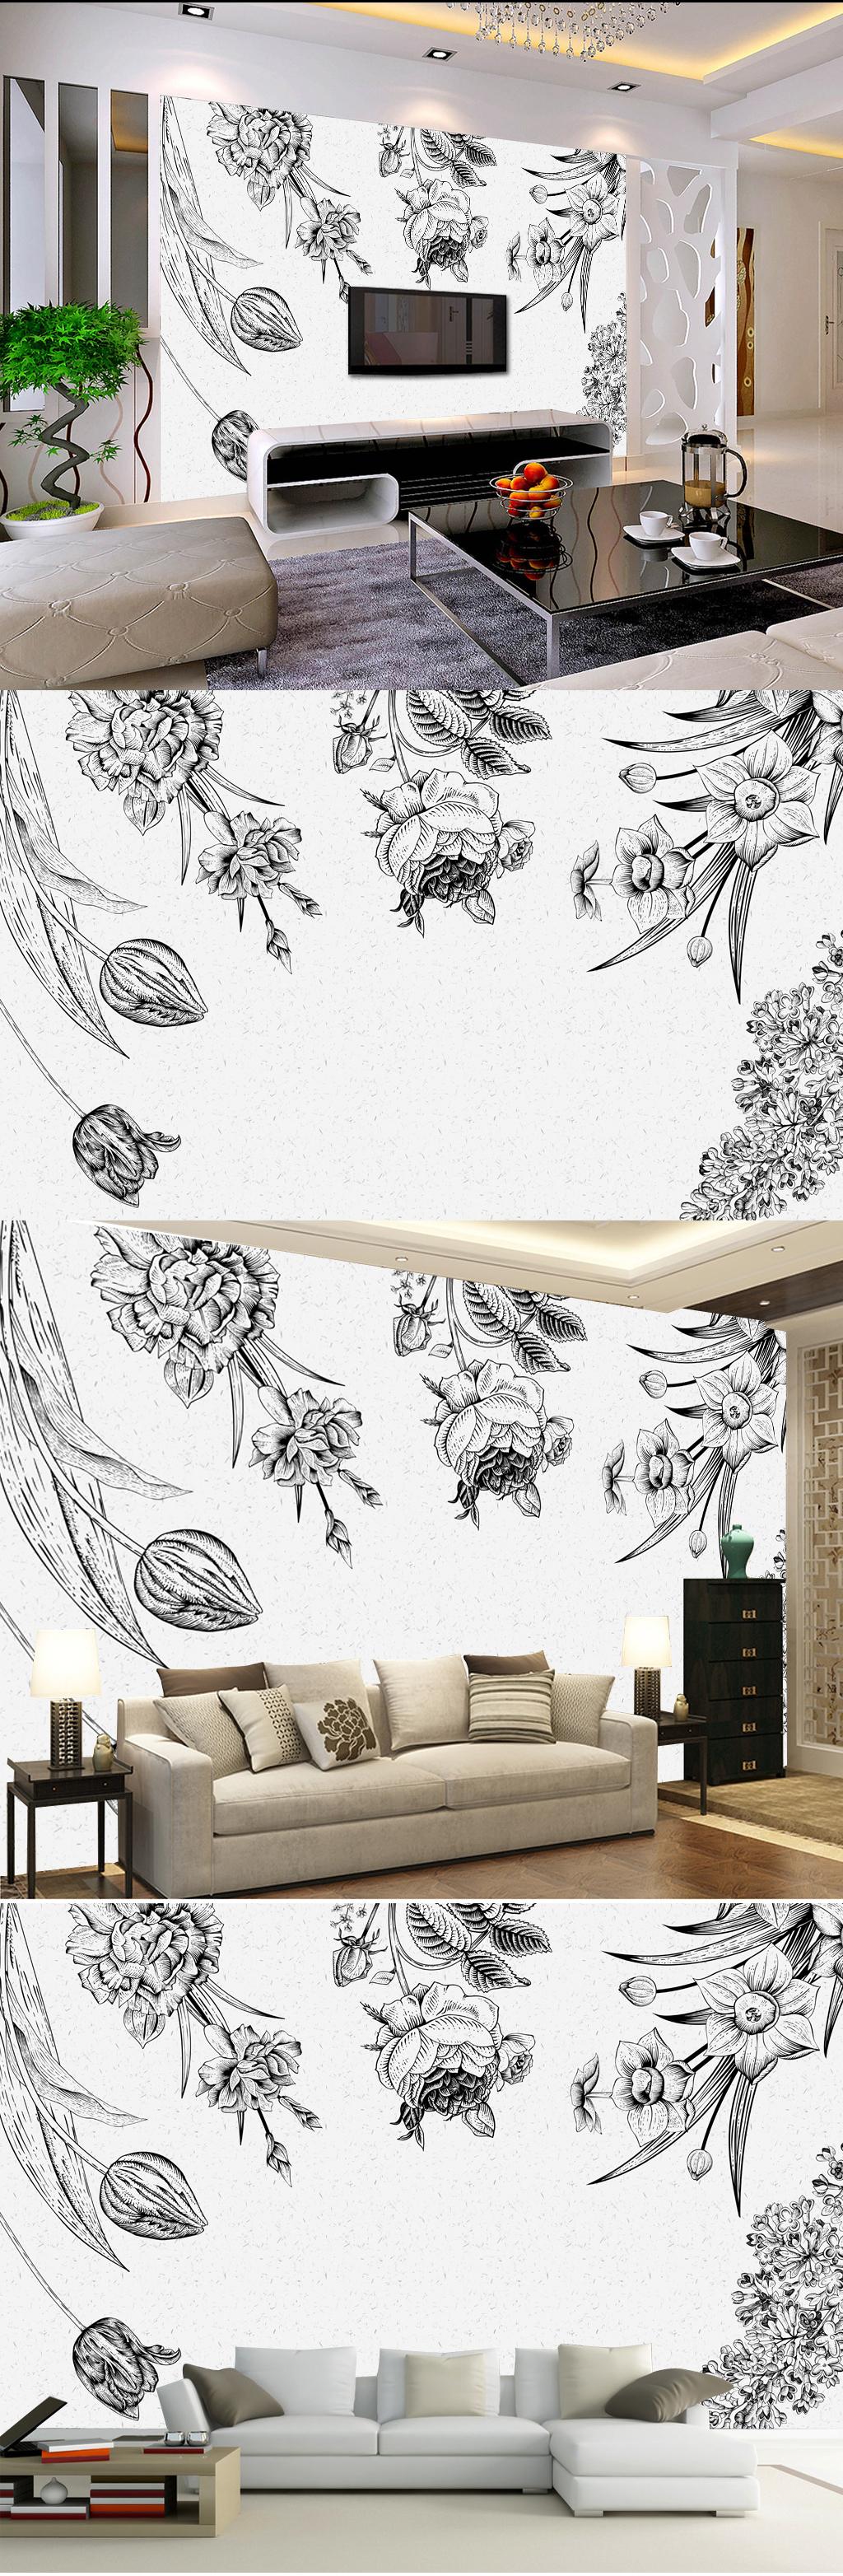 手绘倒立花朵黑白素色手绘壁画